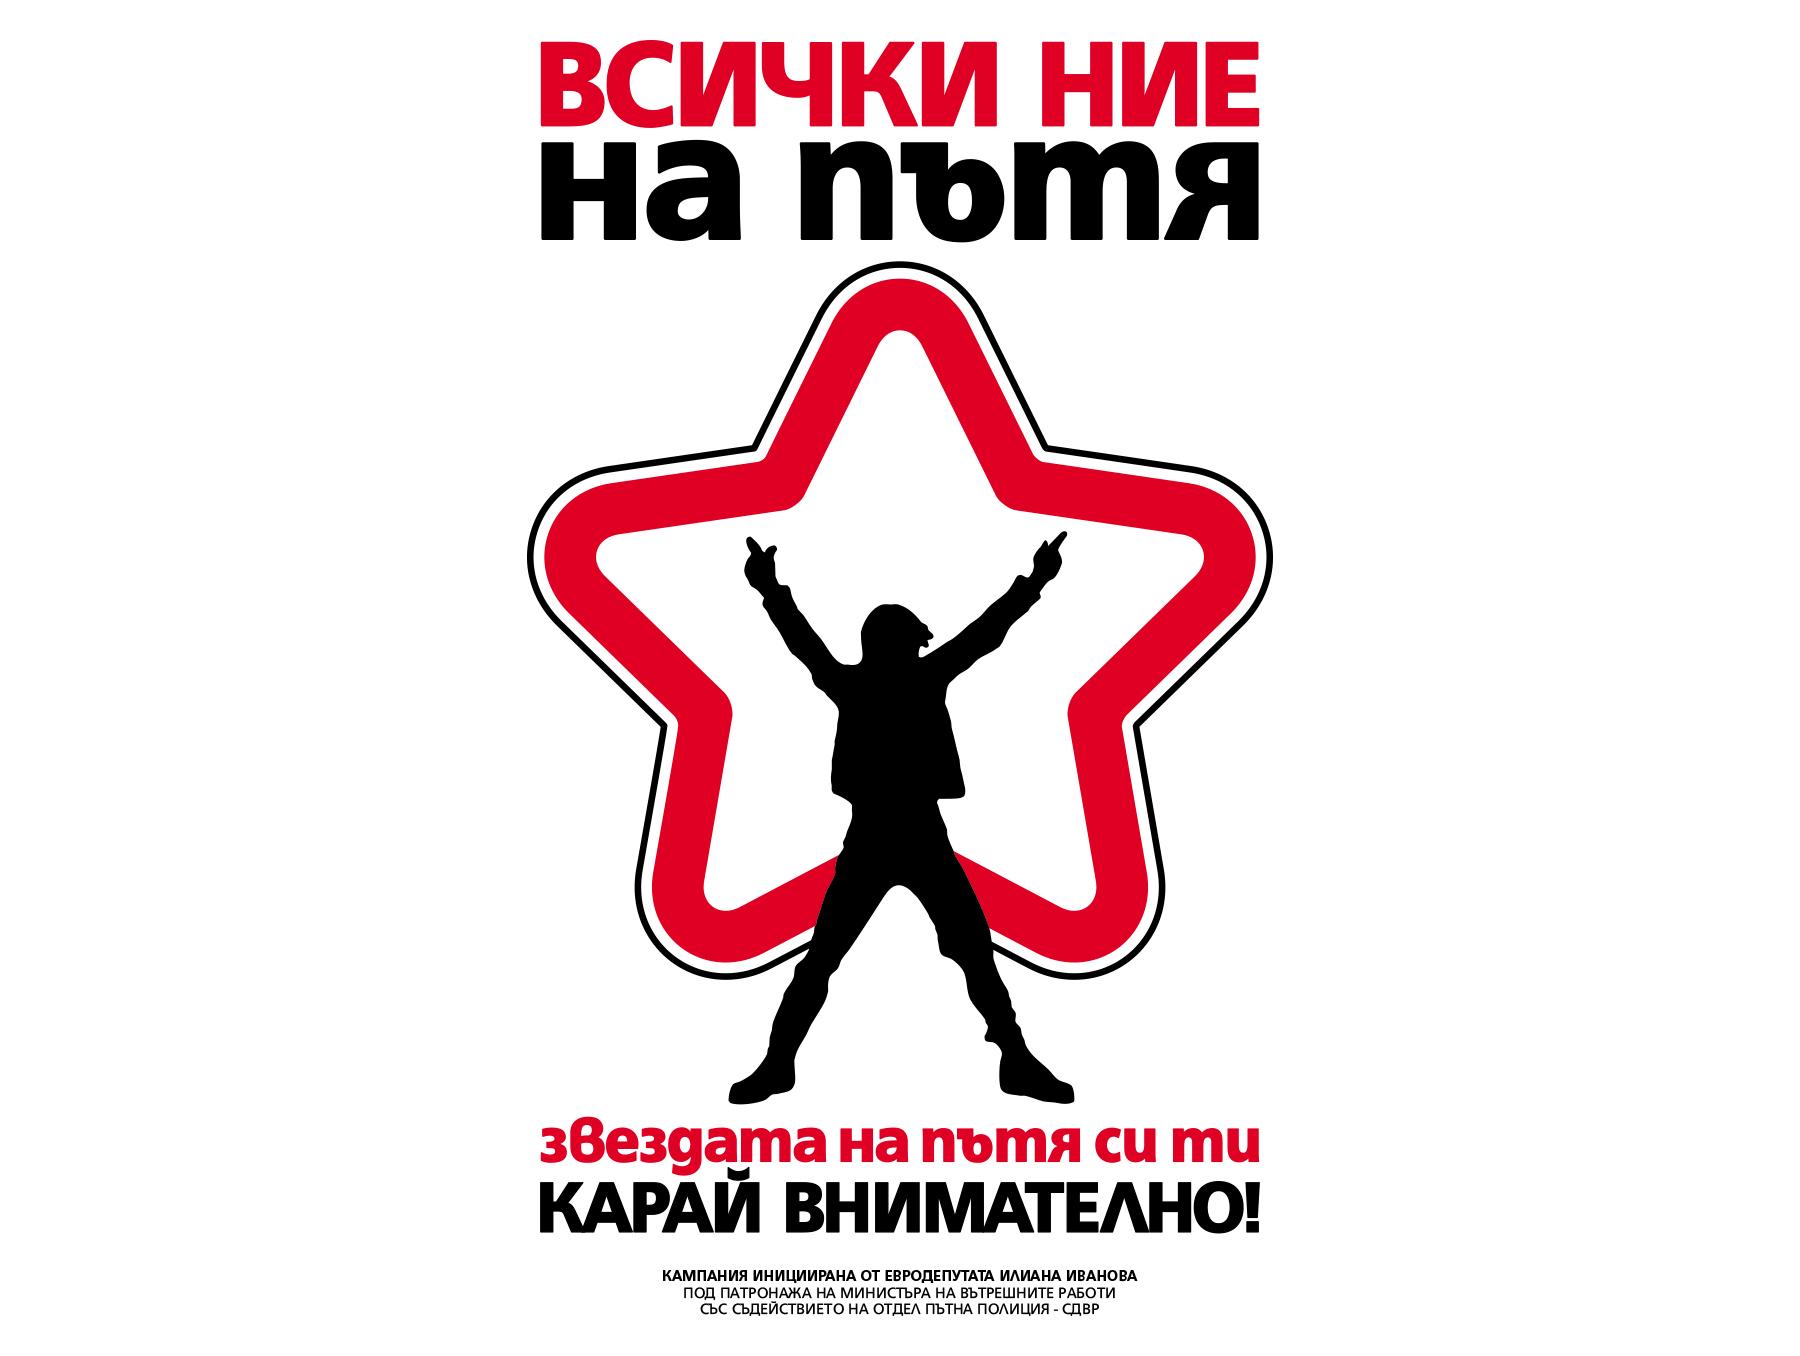 Графичен знак за кампания Всички ние на пътя.